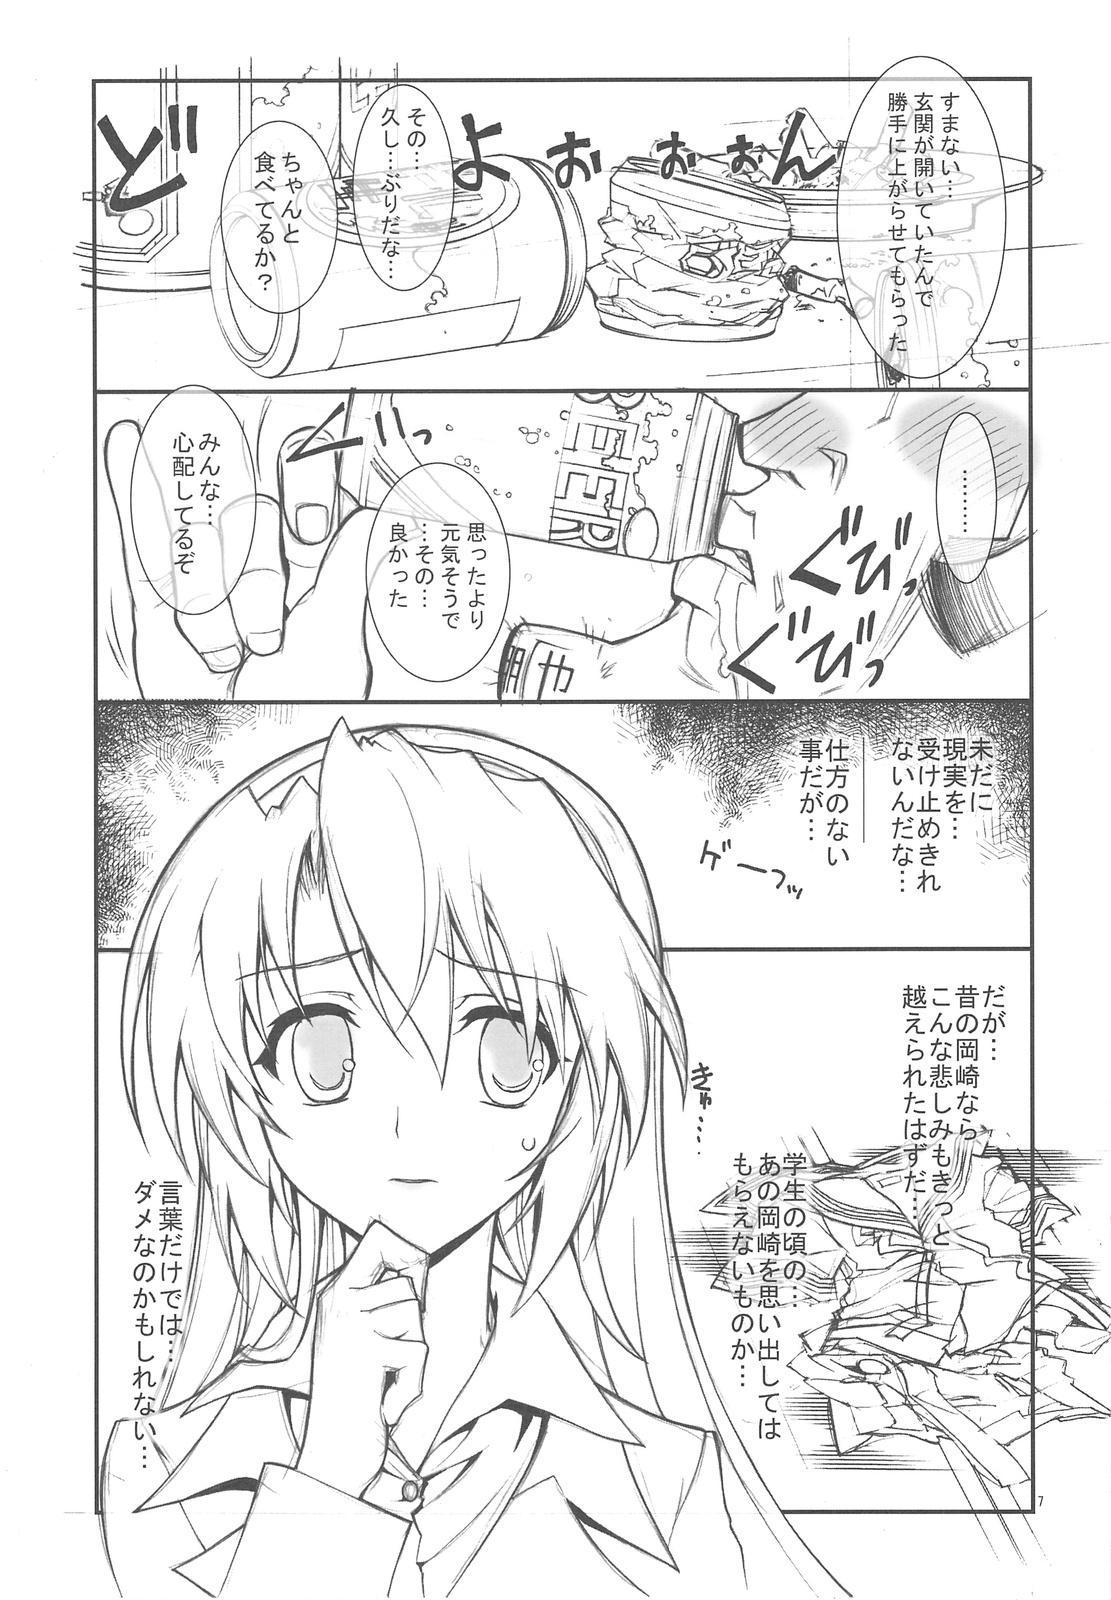 kaishaku AFTER 5